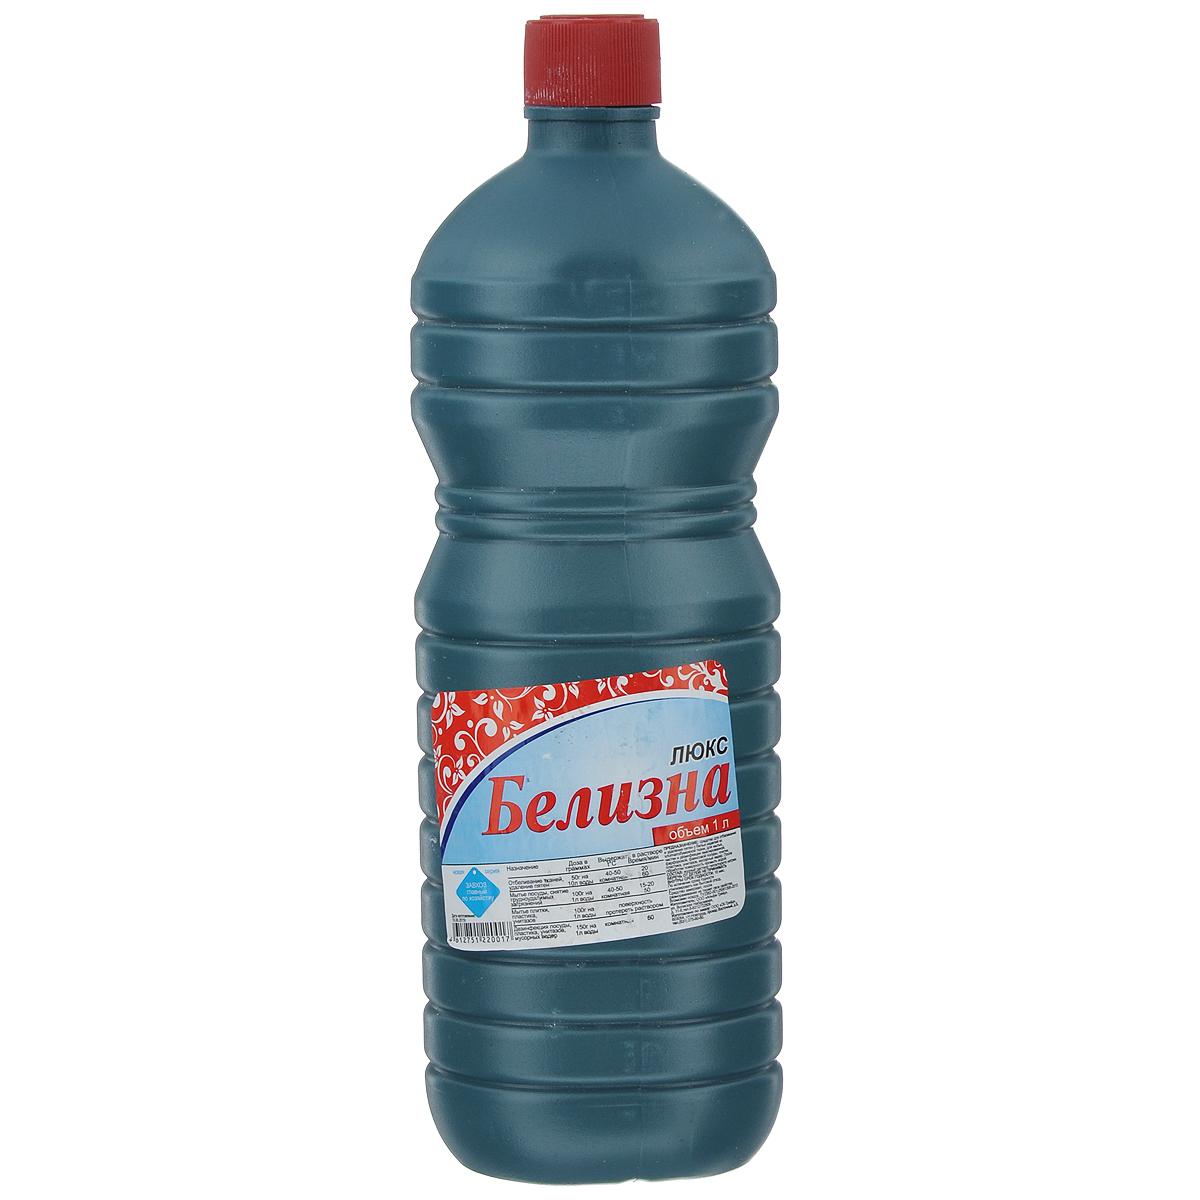 Средство отбеливающее Белизна Люкс, 1 лCLP446Белизна Люкс - это средство для отбеливания и удаления пятен с белых изделий из хлопчатобумажной ткани, для мытья, читки и дезинфекции эмалированной, фарфоровой, фаянсовой посуды, плитки, пластика, унитазов, мусорных ведер.Состав: водный раствор гипохлорита натрия.